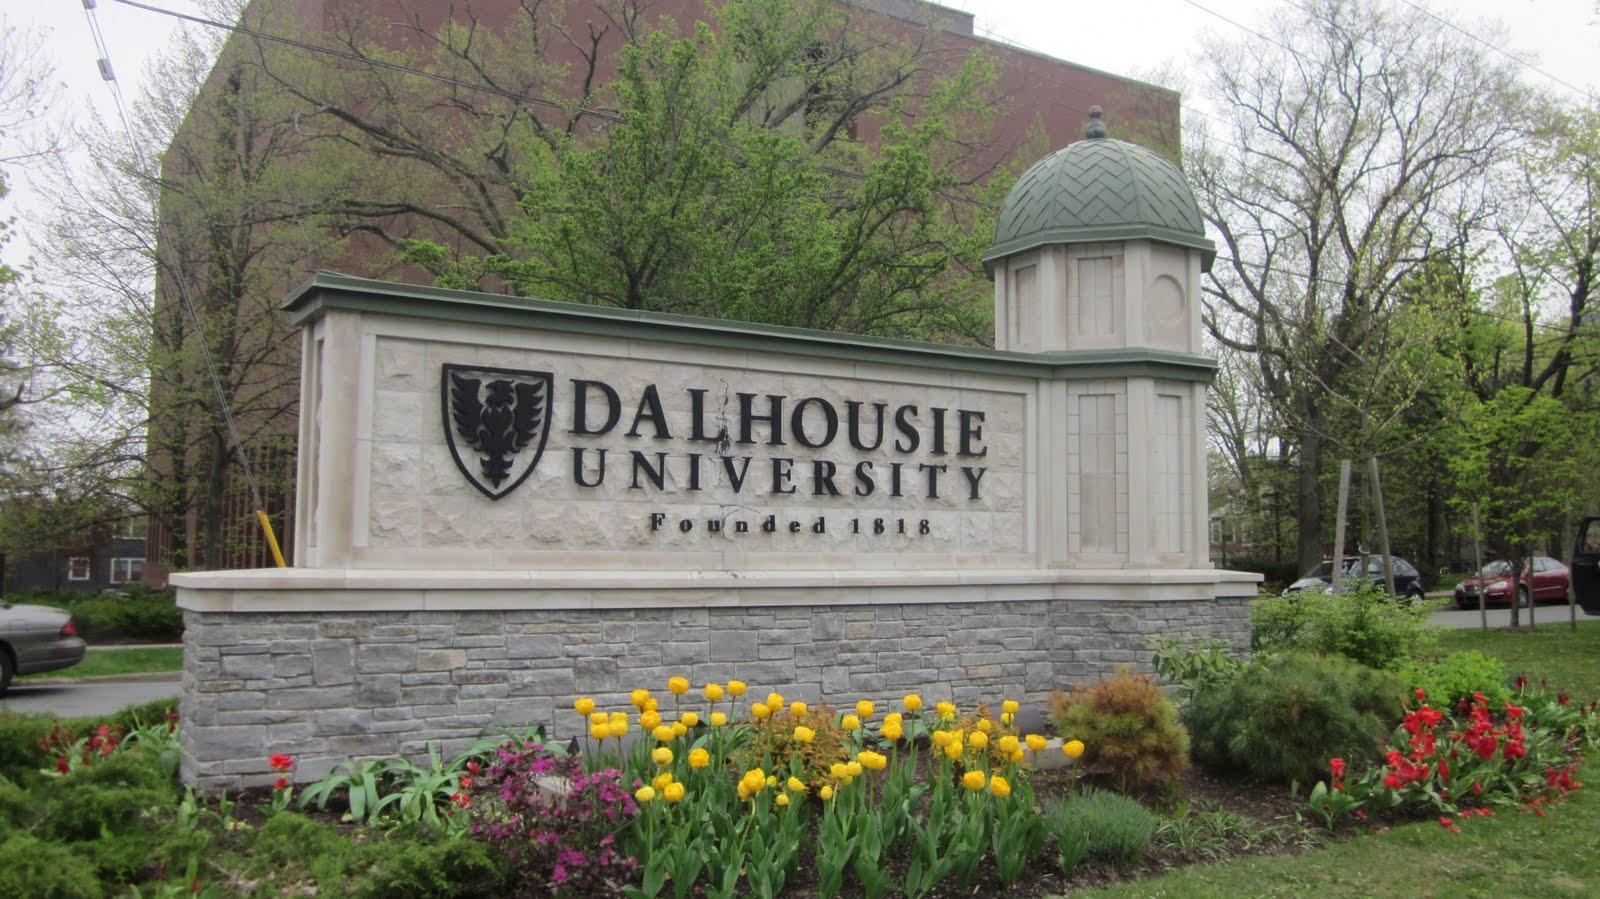 Mobilità extra-Erasmus: bando per 2 borse per la Dalhousie University (Canada)